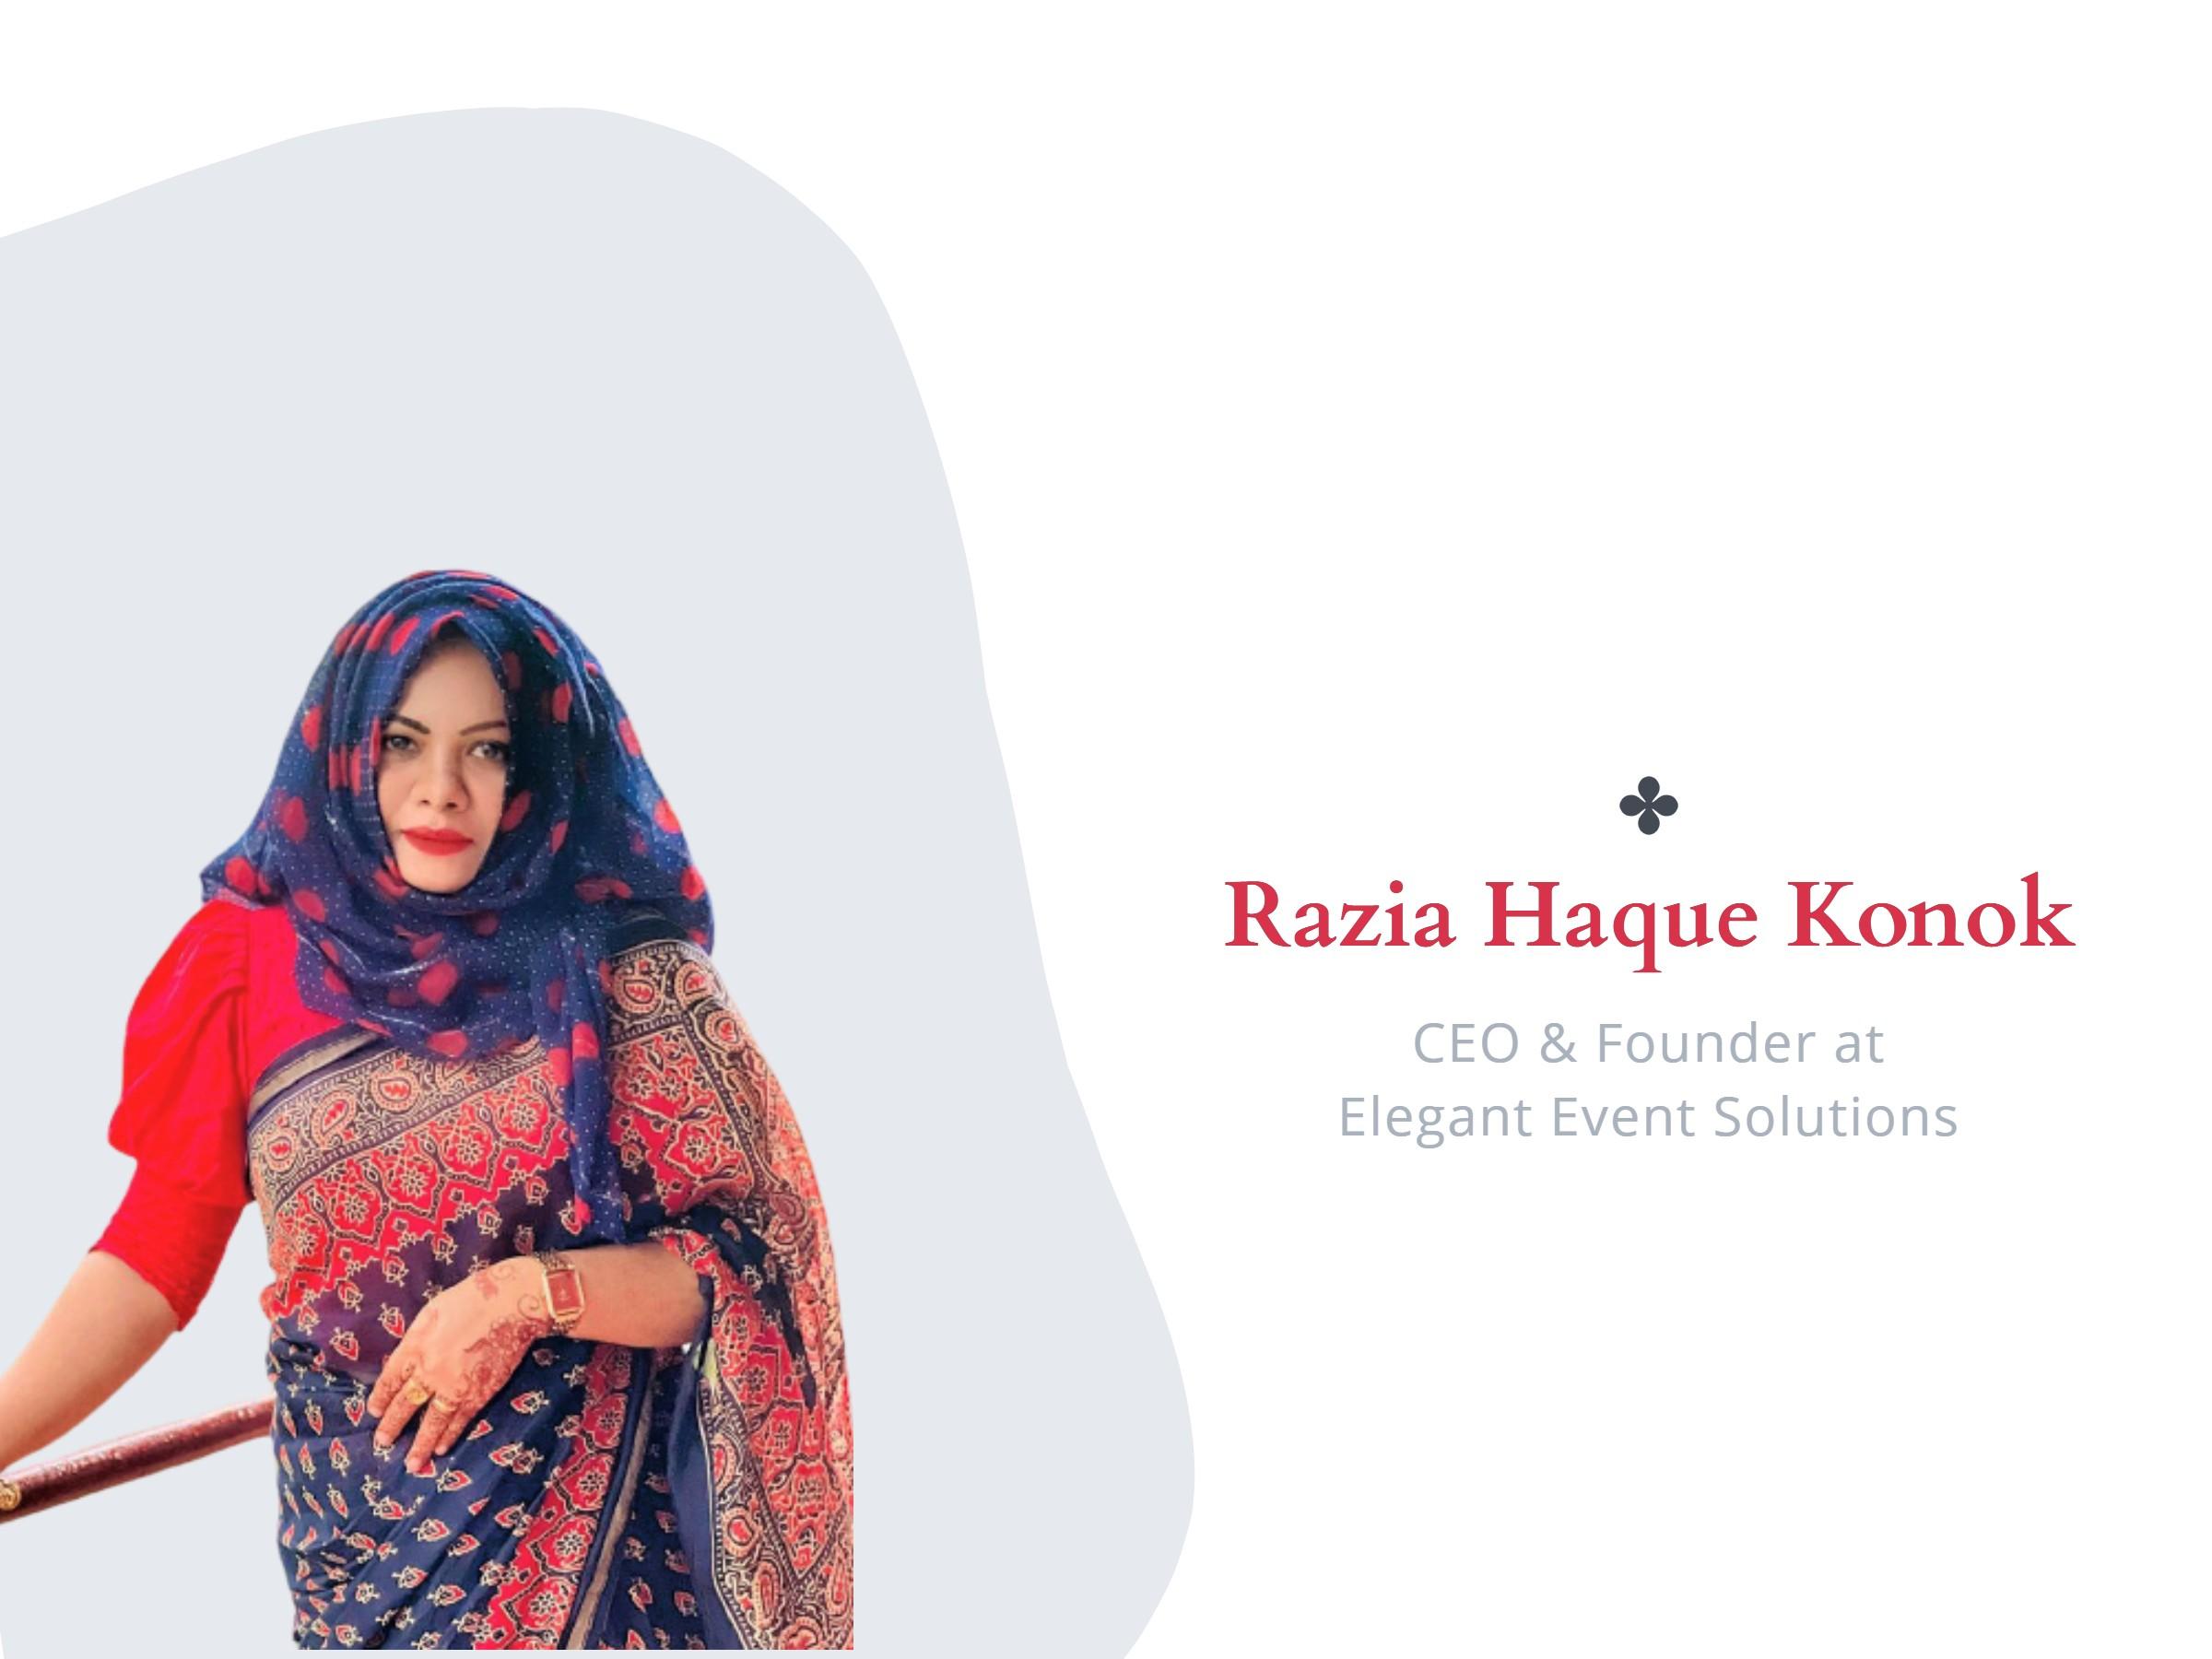 Razia Haque Konok